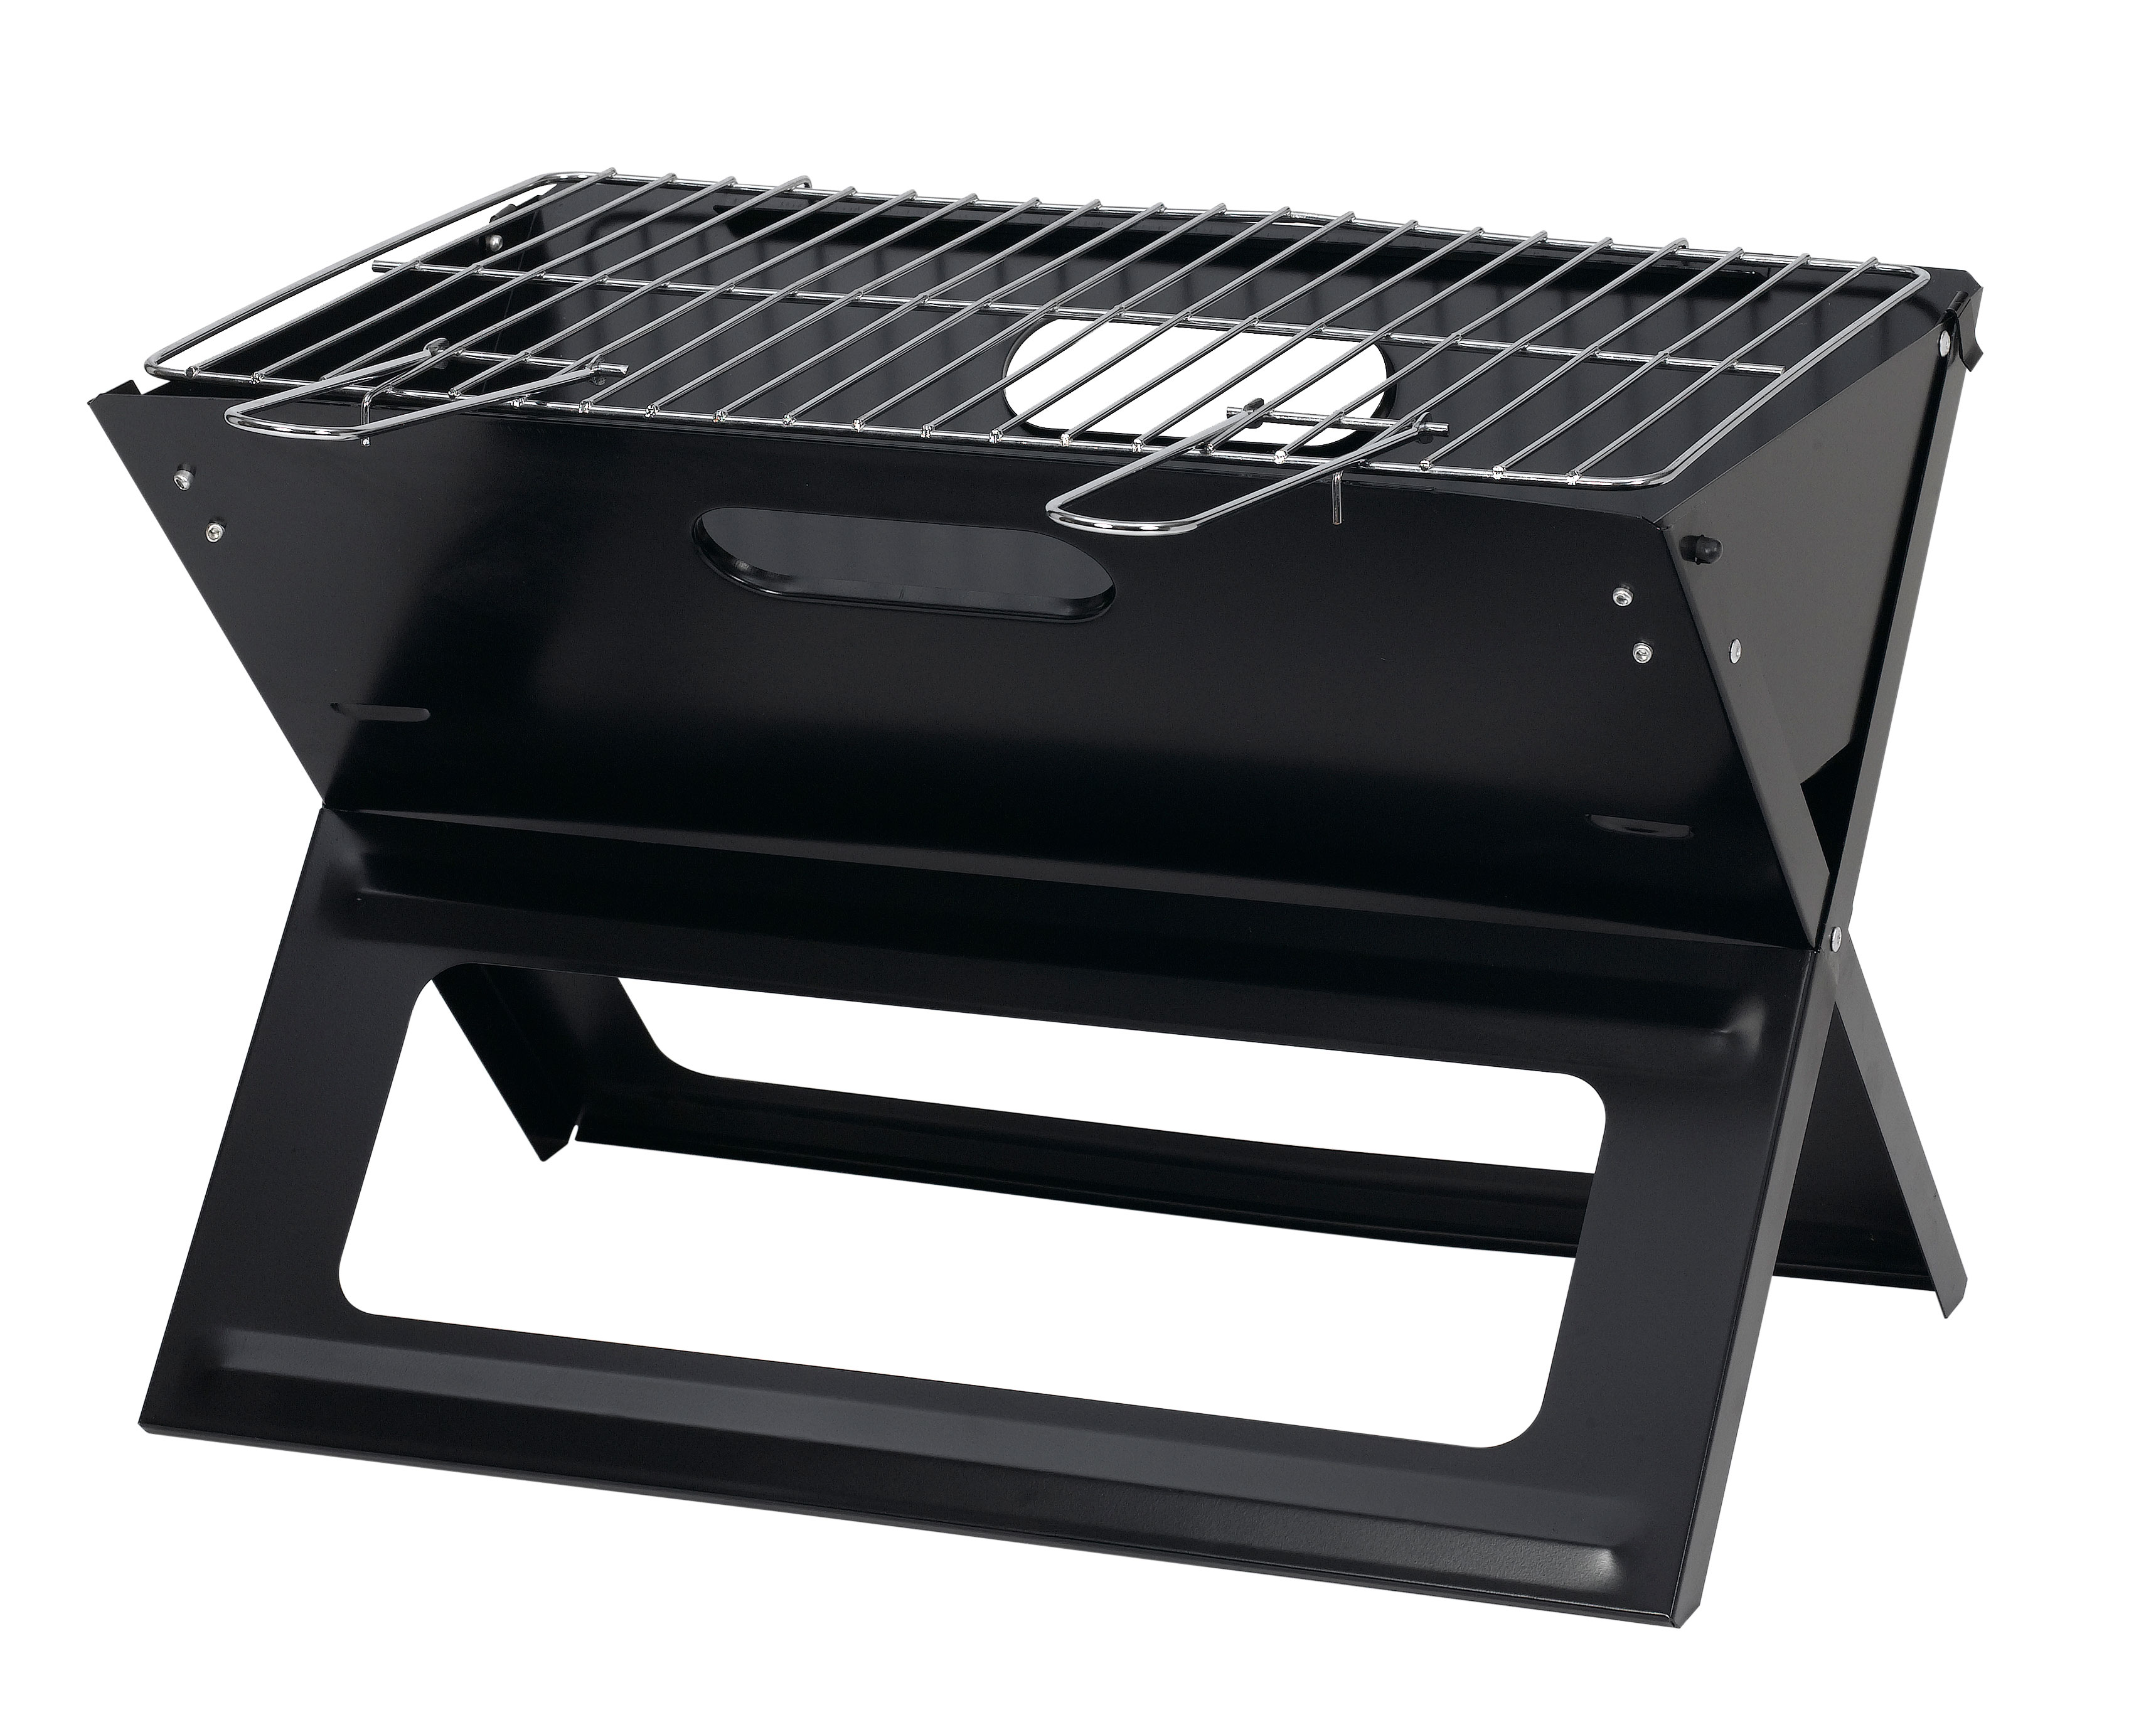 Tepro Holzkohlegrill Kaufen : Tepro holzkohlegrill chill grill u ehabanerou c schwarz kg kaufen